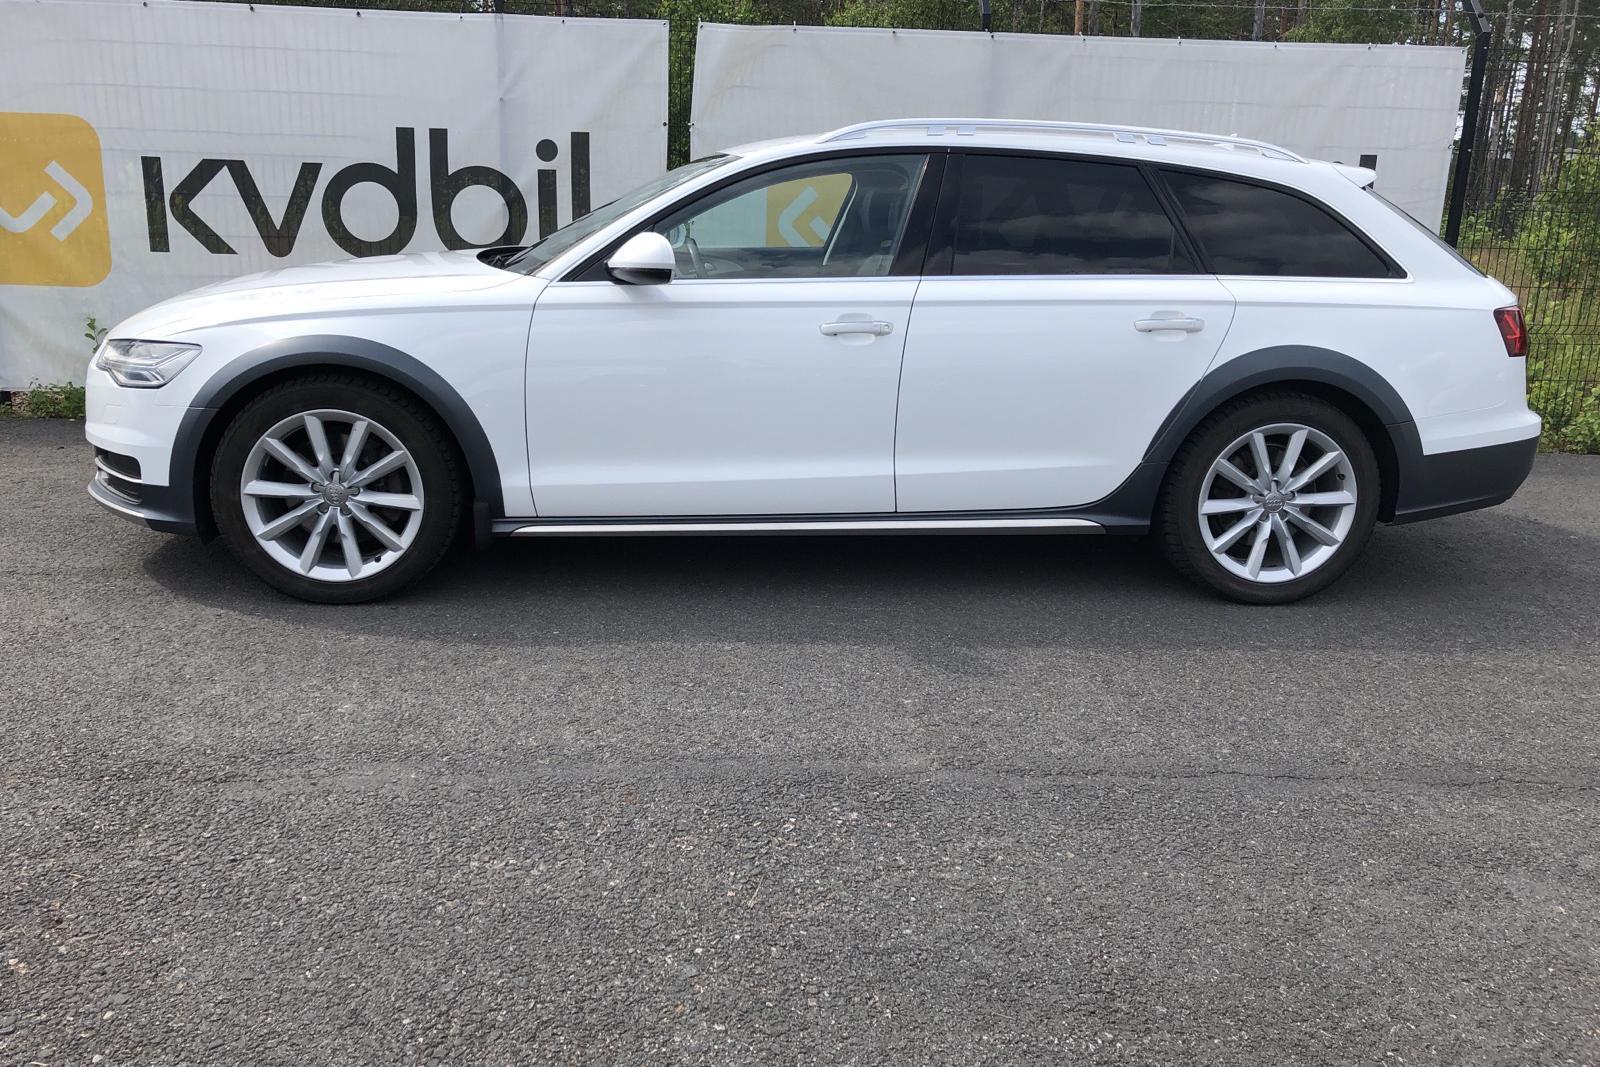 Audi A6 Allroad 3.0 TDI quattro (218hk) - 17 836 mil - Automat - vit - 2017